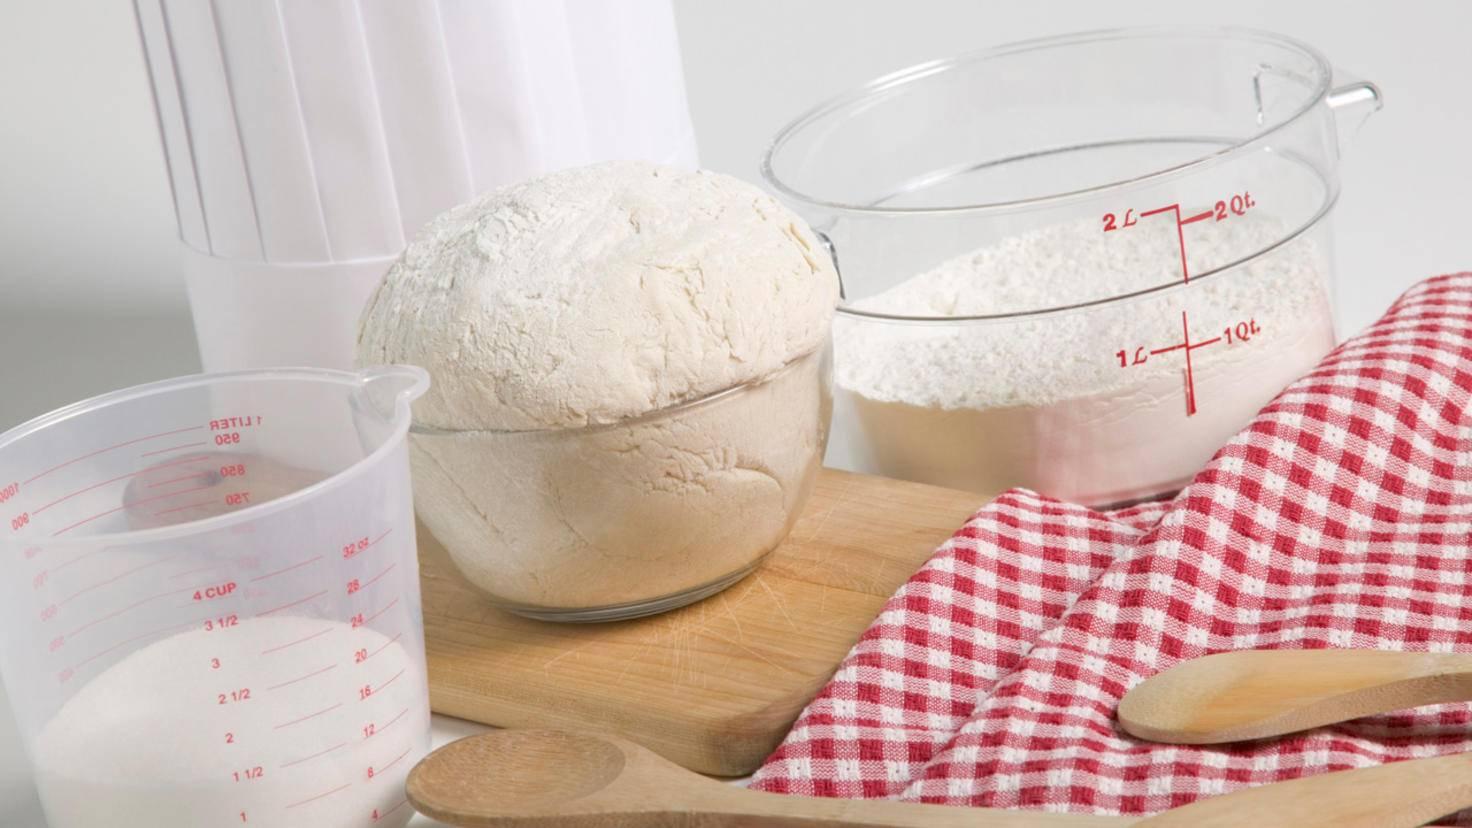 Mit speziell beschrifteten Messbechern kannst Du Mehl, Zucker und Co. auch ohne Waage abmessen.